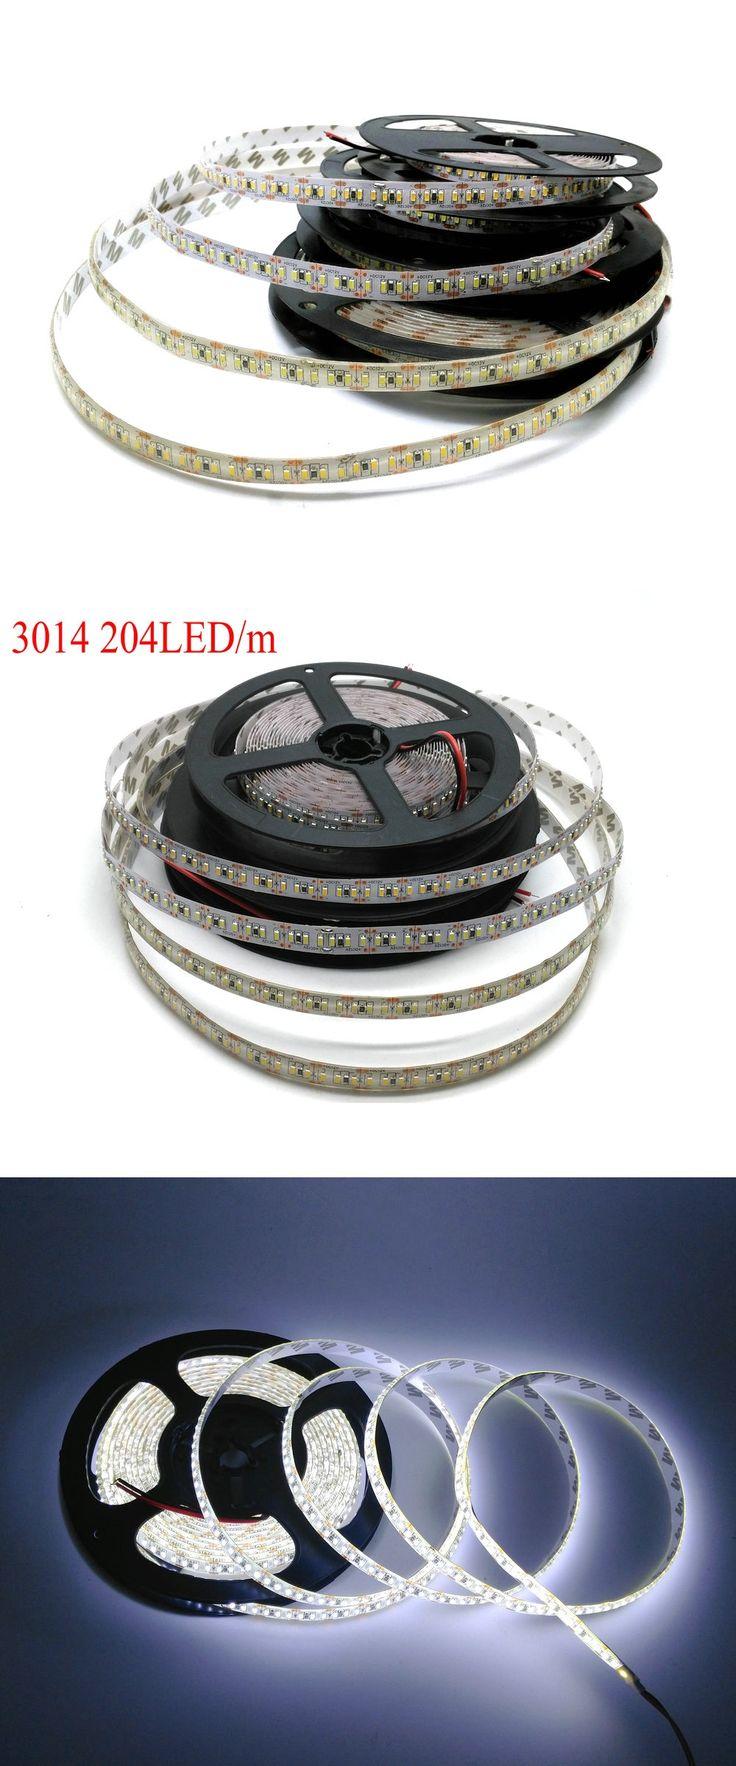 LED Strip 3014 high bright 204 LED/meter DC12V Waterproof White / Warm White Flexible LED Light 5m/lot